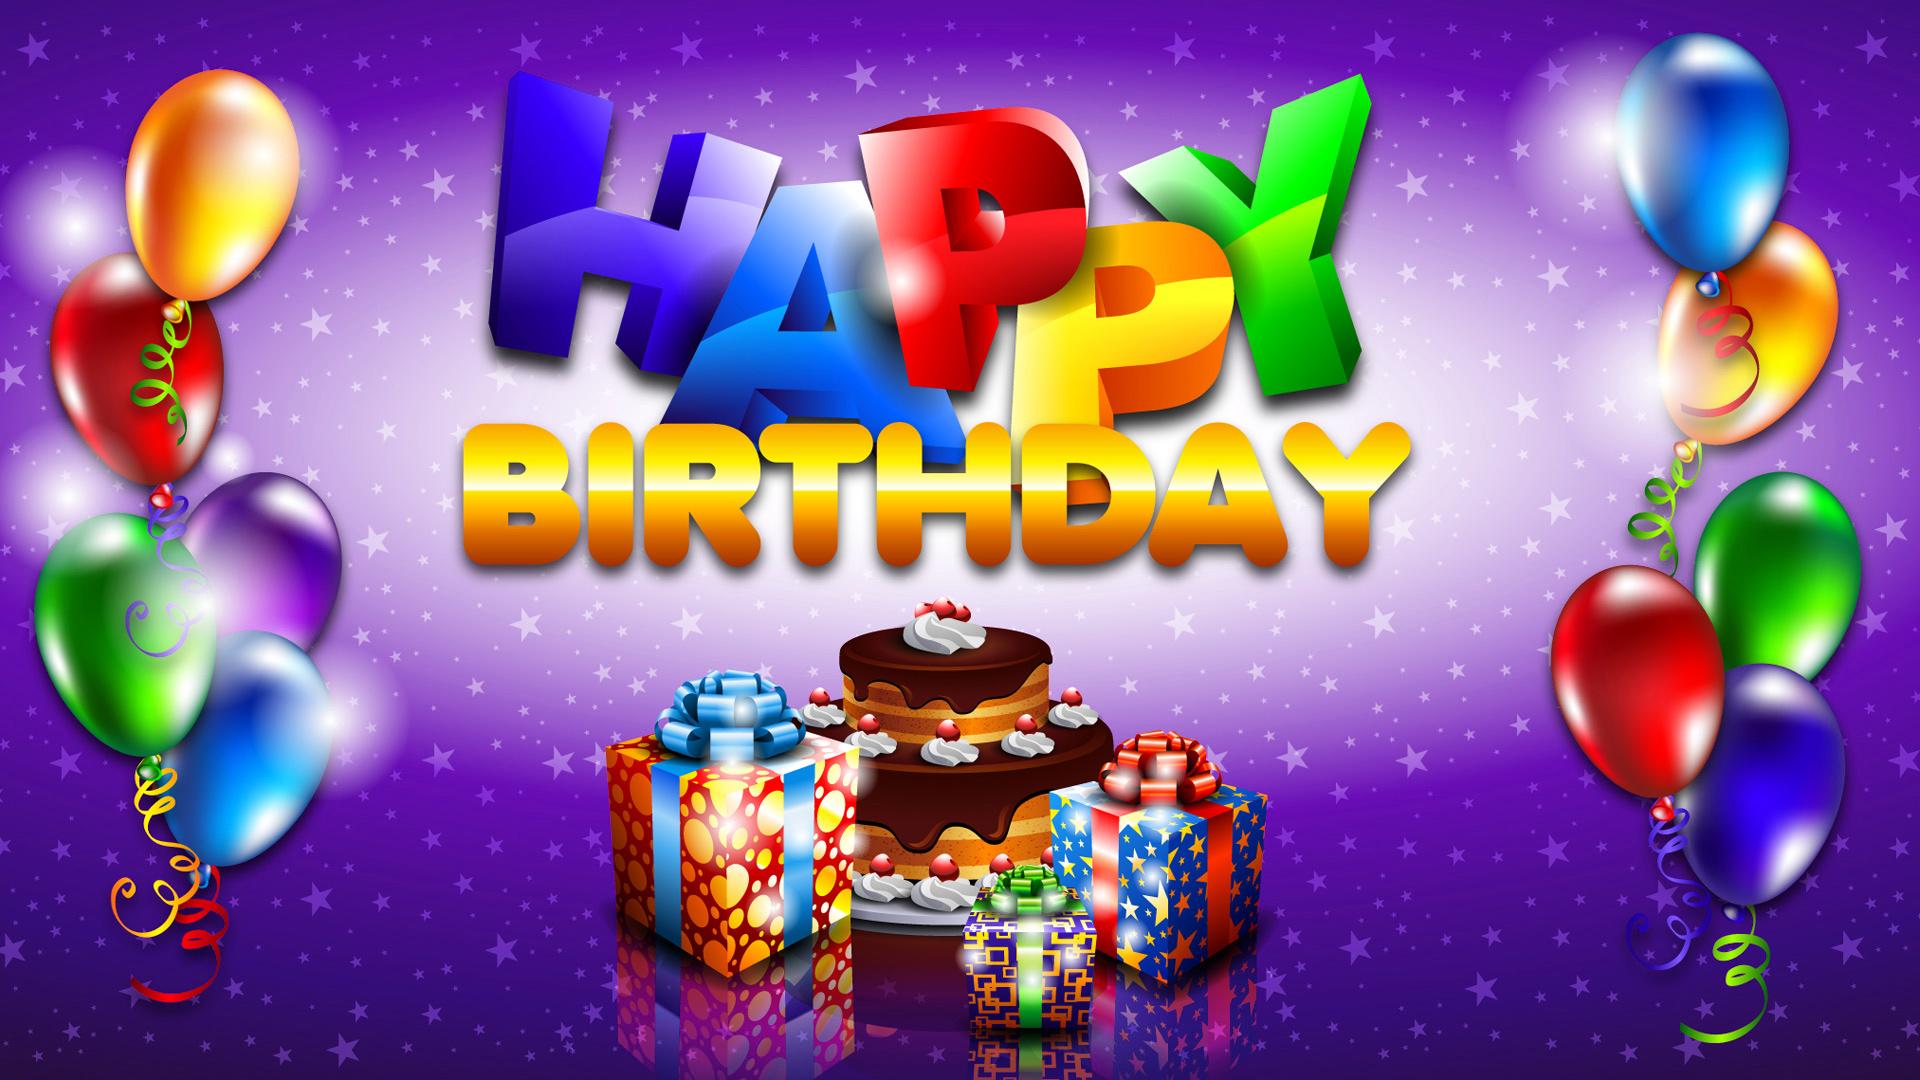 Открытка с днем рождения ребенка на английском языке, поздравлениями